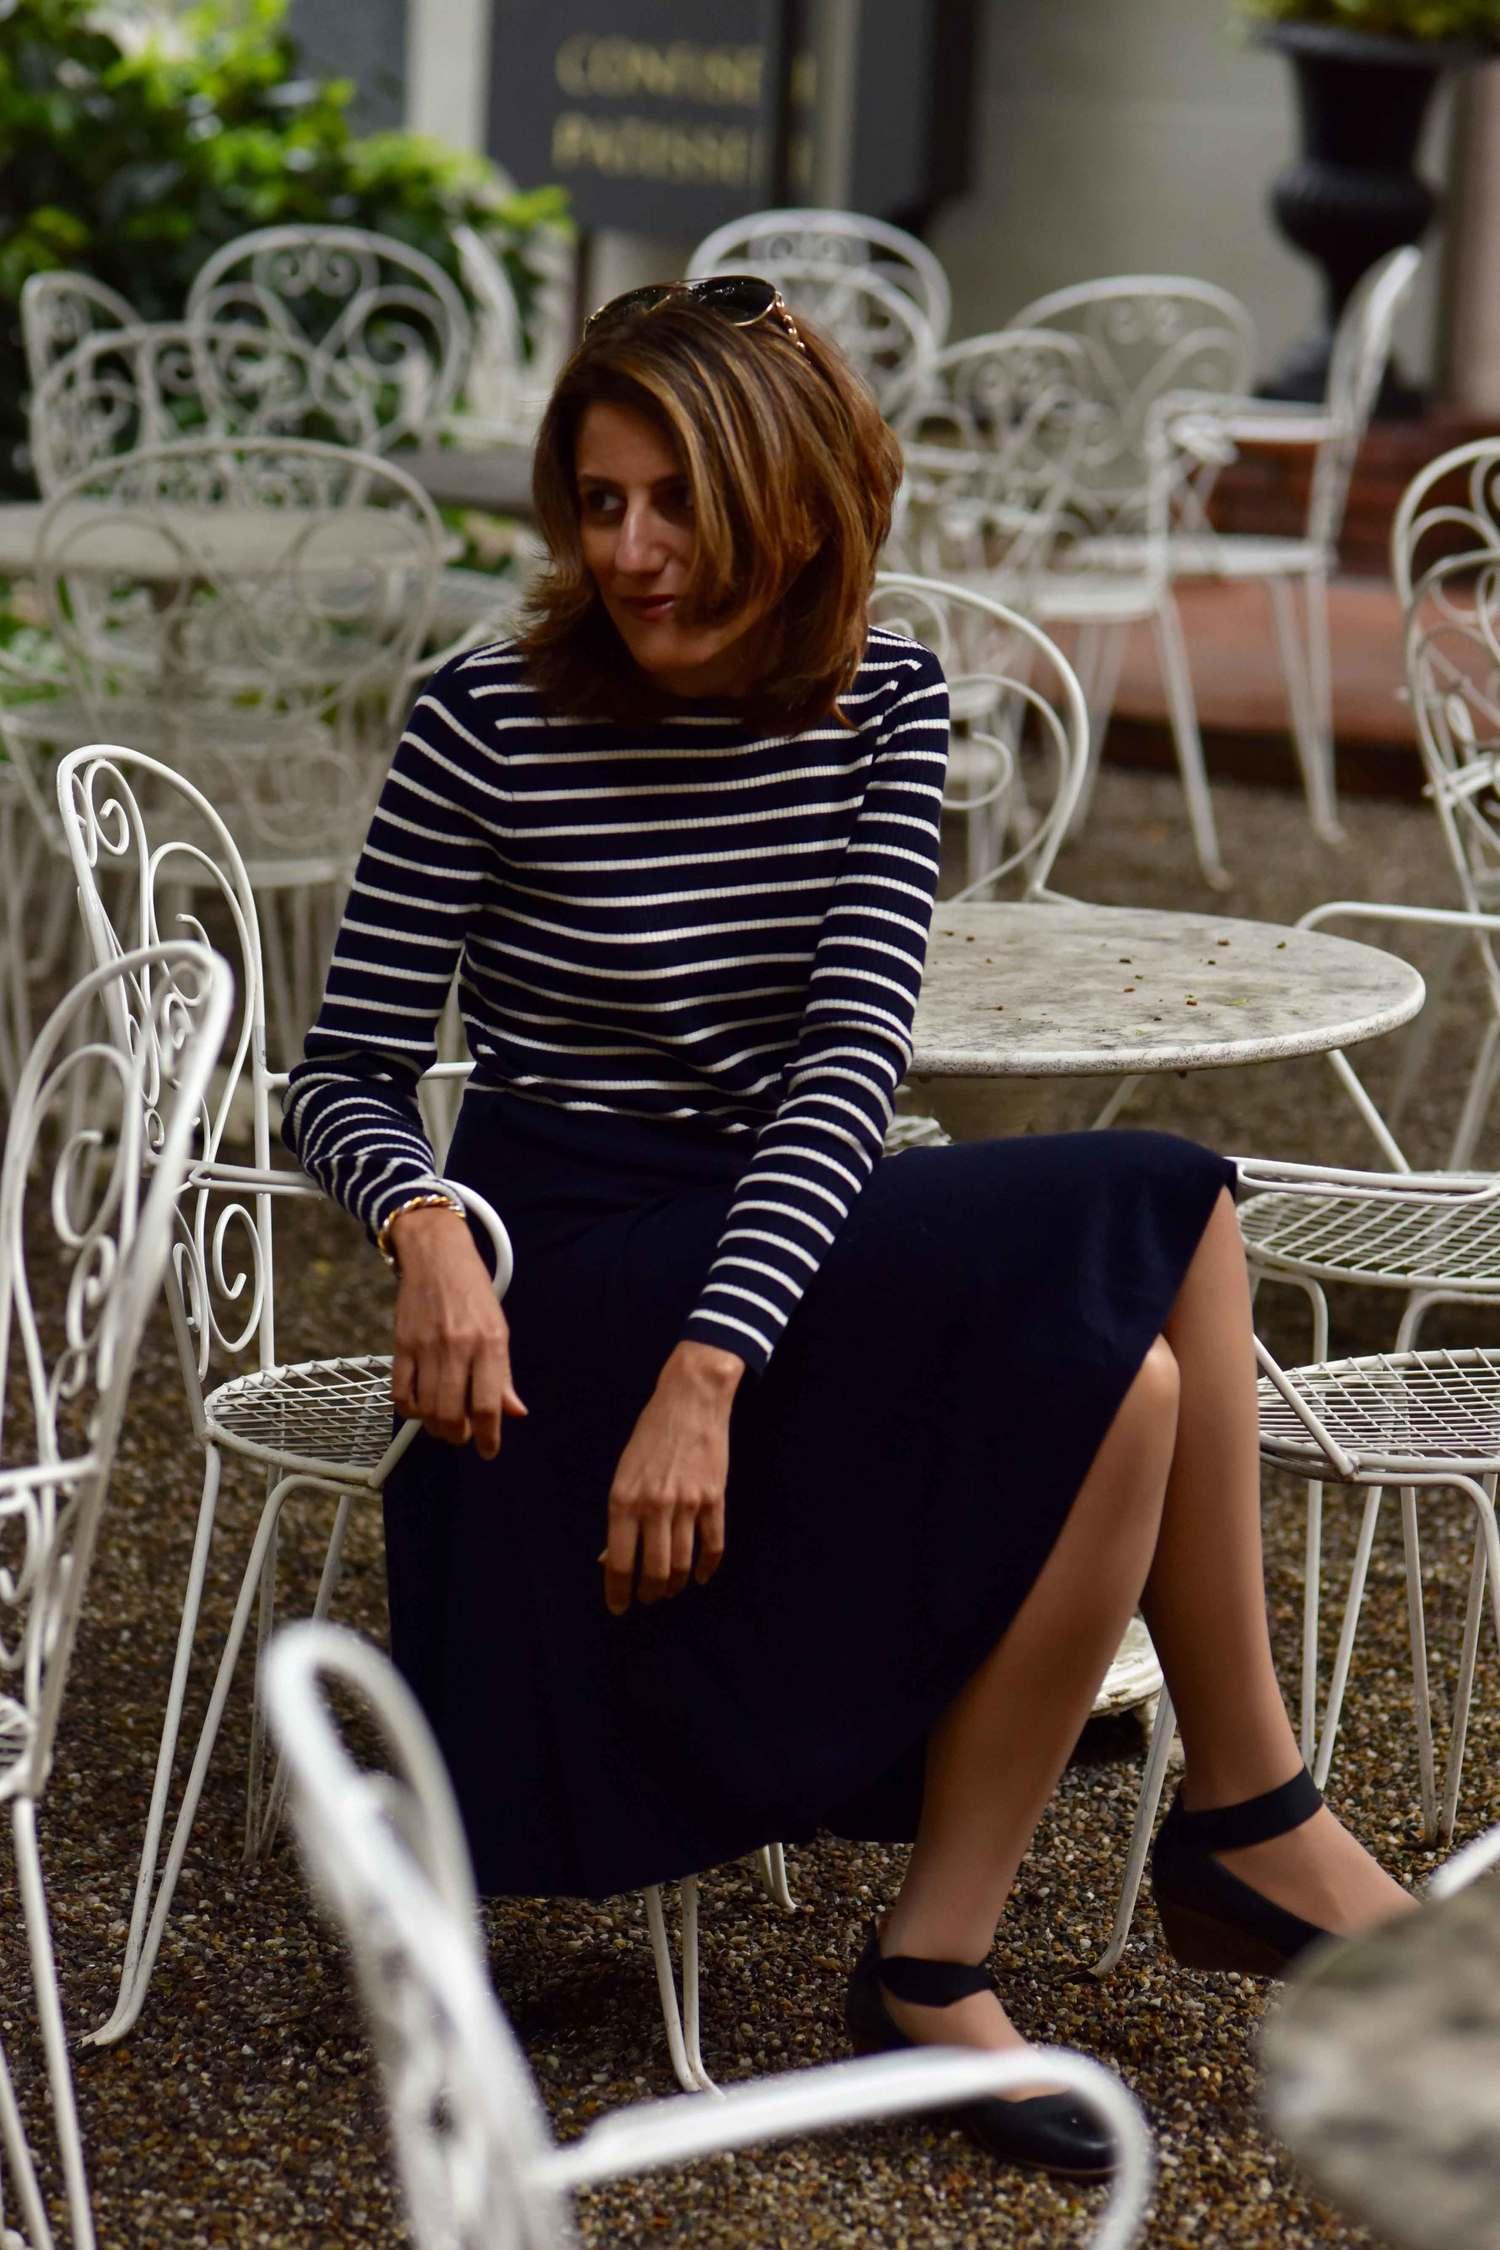 Ralph Lauren dress, Baden Baden, Germany. Image©sourcingstyle.com